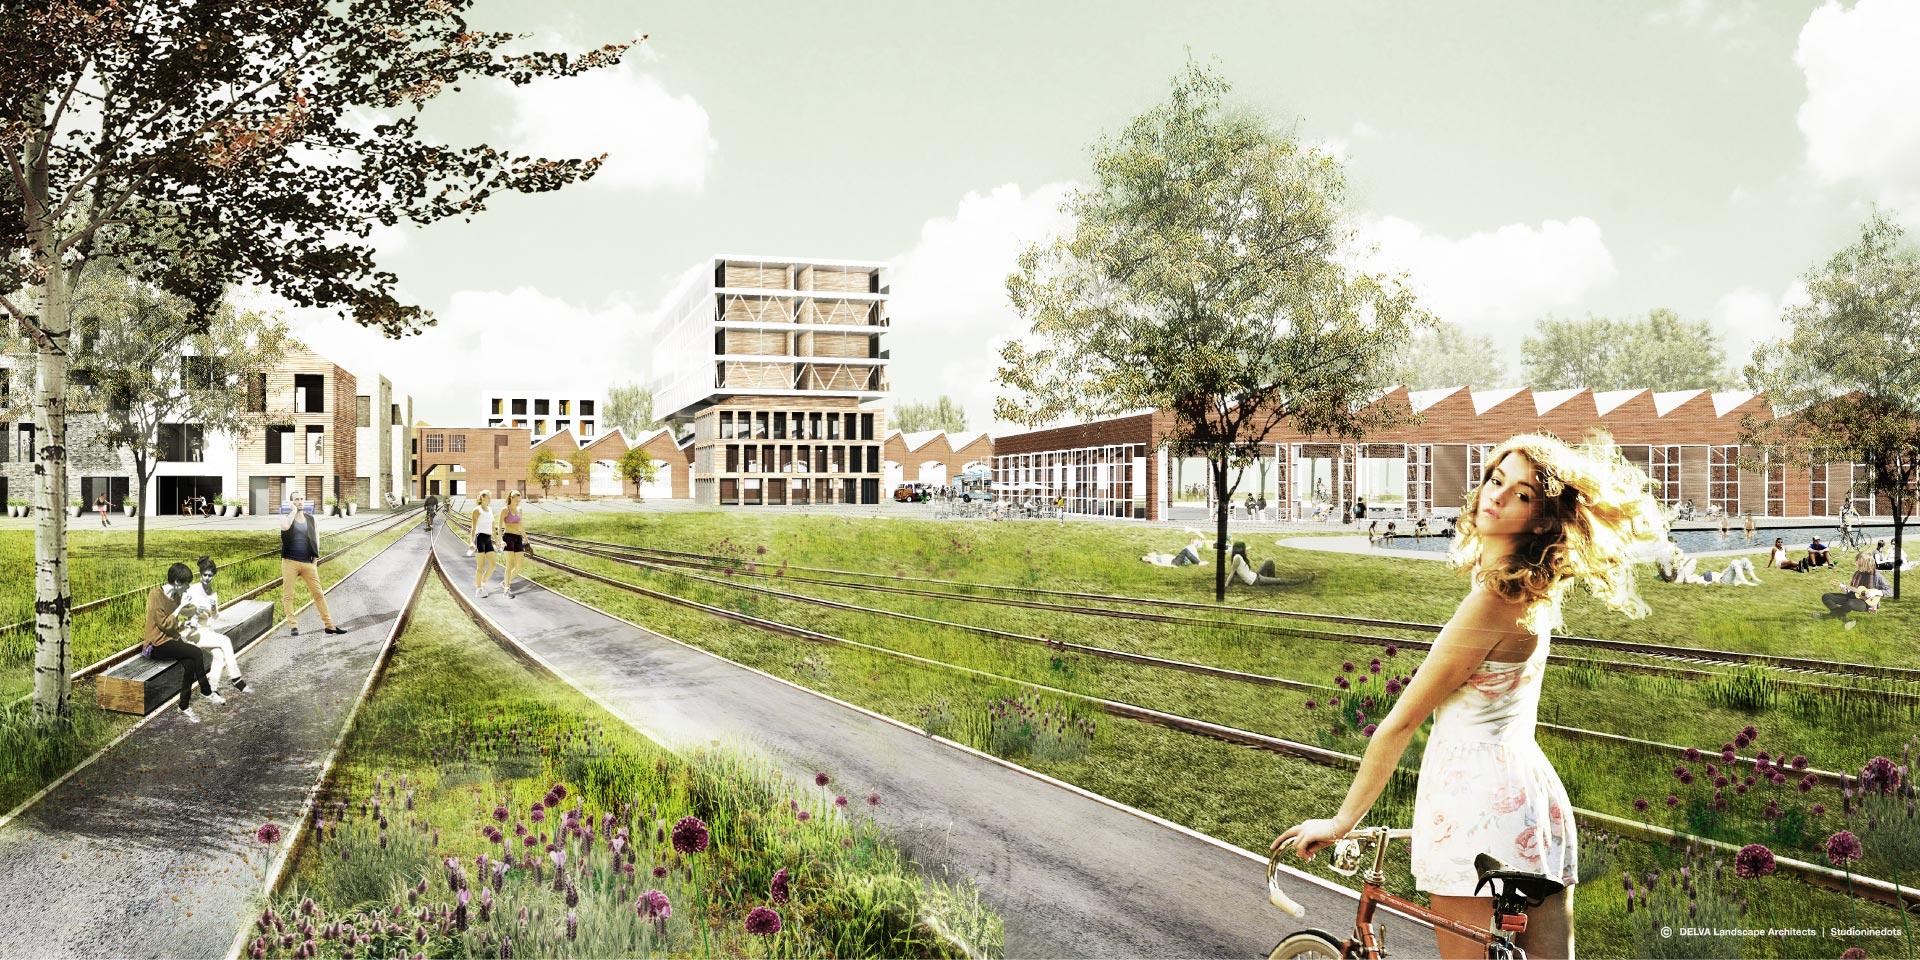 Biodiversiteit in de stad - Wisselspoor Utrecht - Synchroon Ontwikkelaars